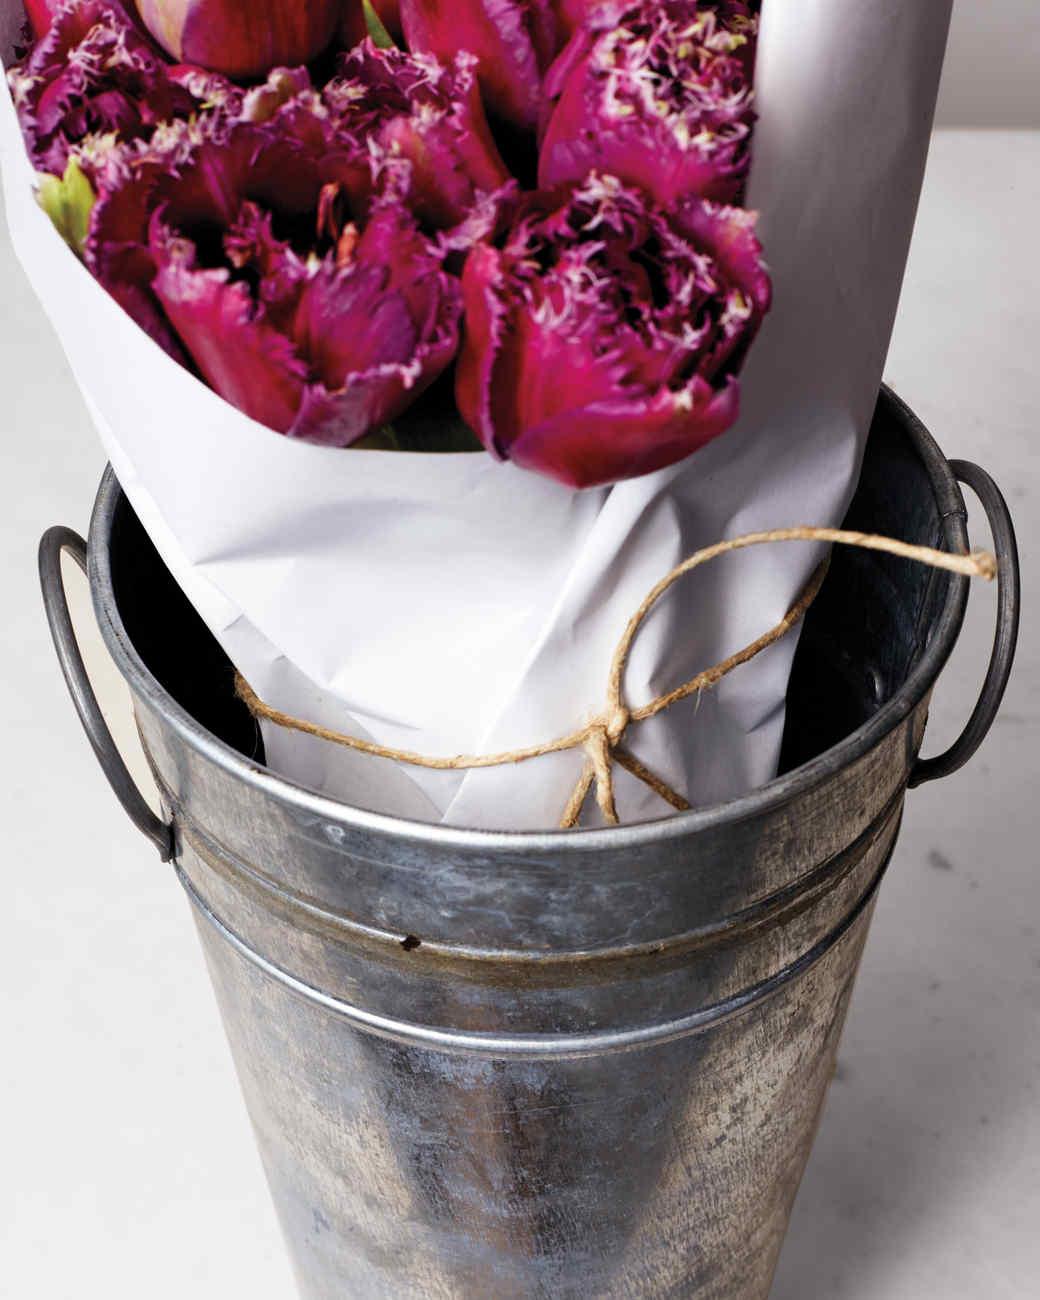 how-to-flower-arrangement-v12-67-d111001.jpg